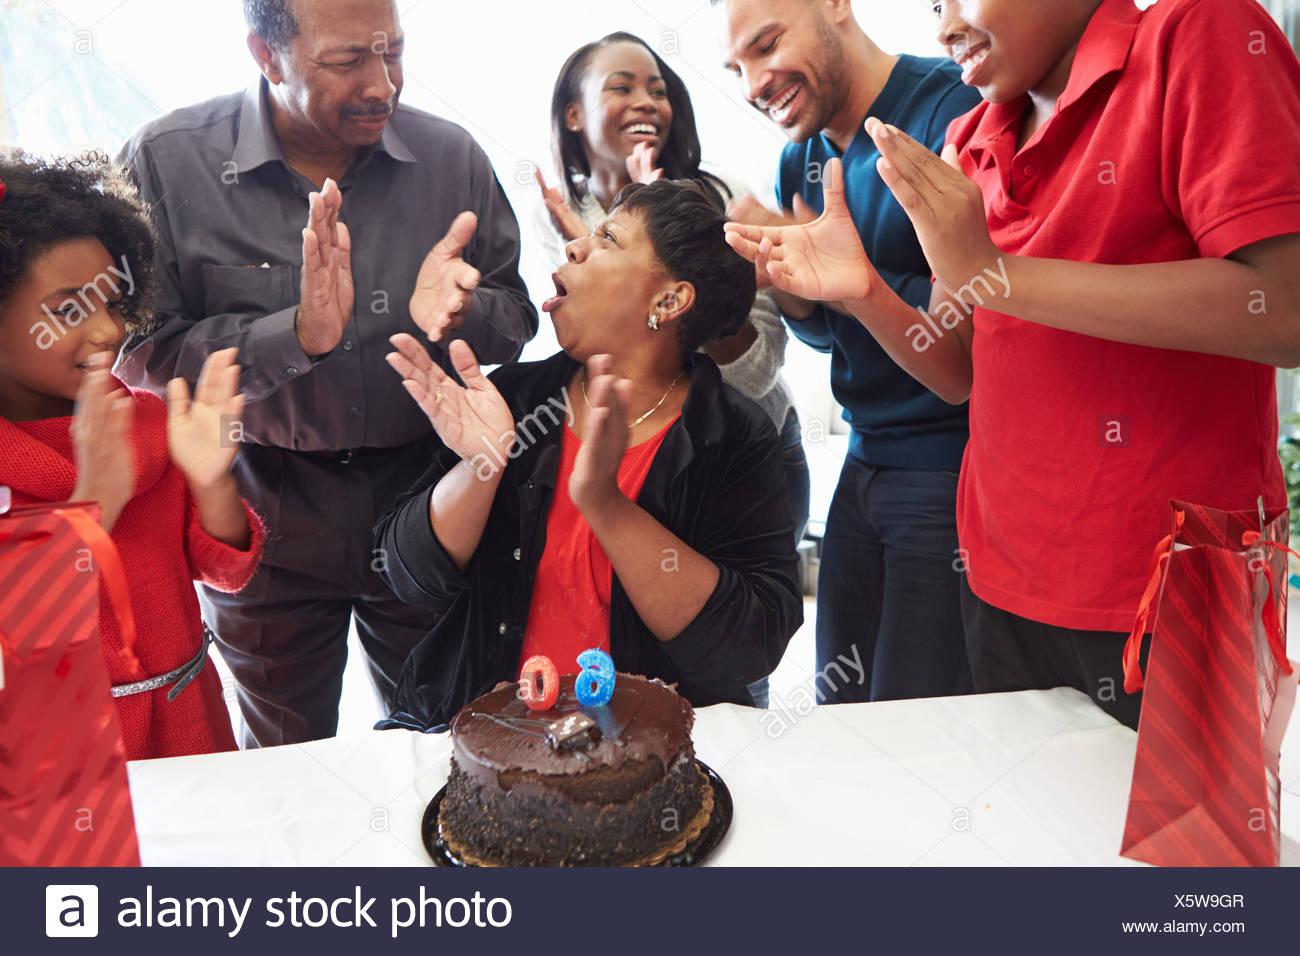 Familia celebrando el sexagésimo cumpleaños juntos Imagen De Stock